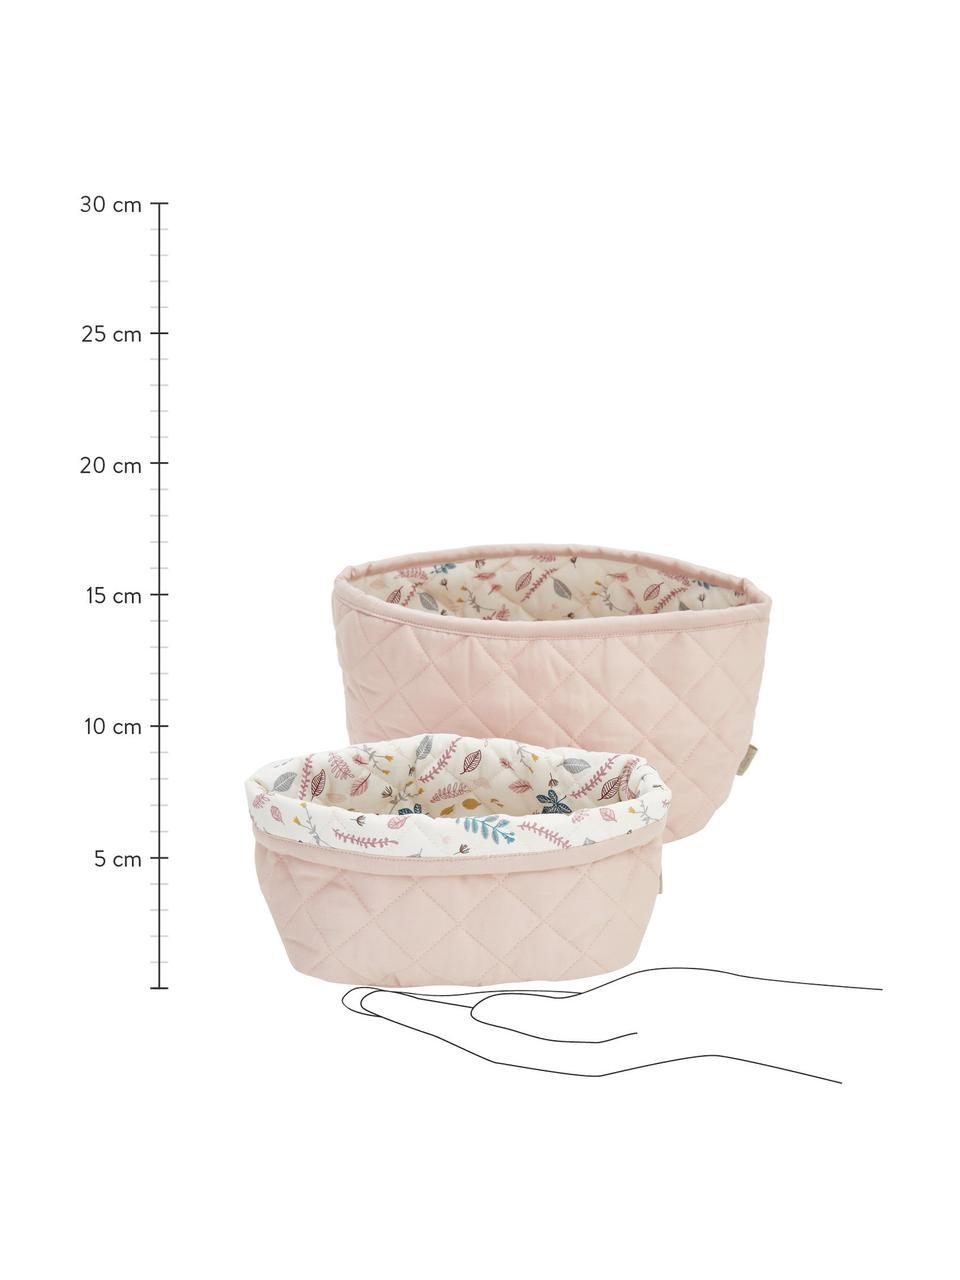 Aufbewahrungskörbe-Set Pressed Leaves aus Bio-Baumwolle, 2-tlg., Bezug: 100% Biobaumwolle, Öko-Te, Creme, Rosa, Blau, Grau, Sondergrößen